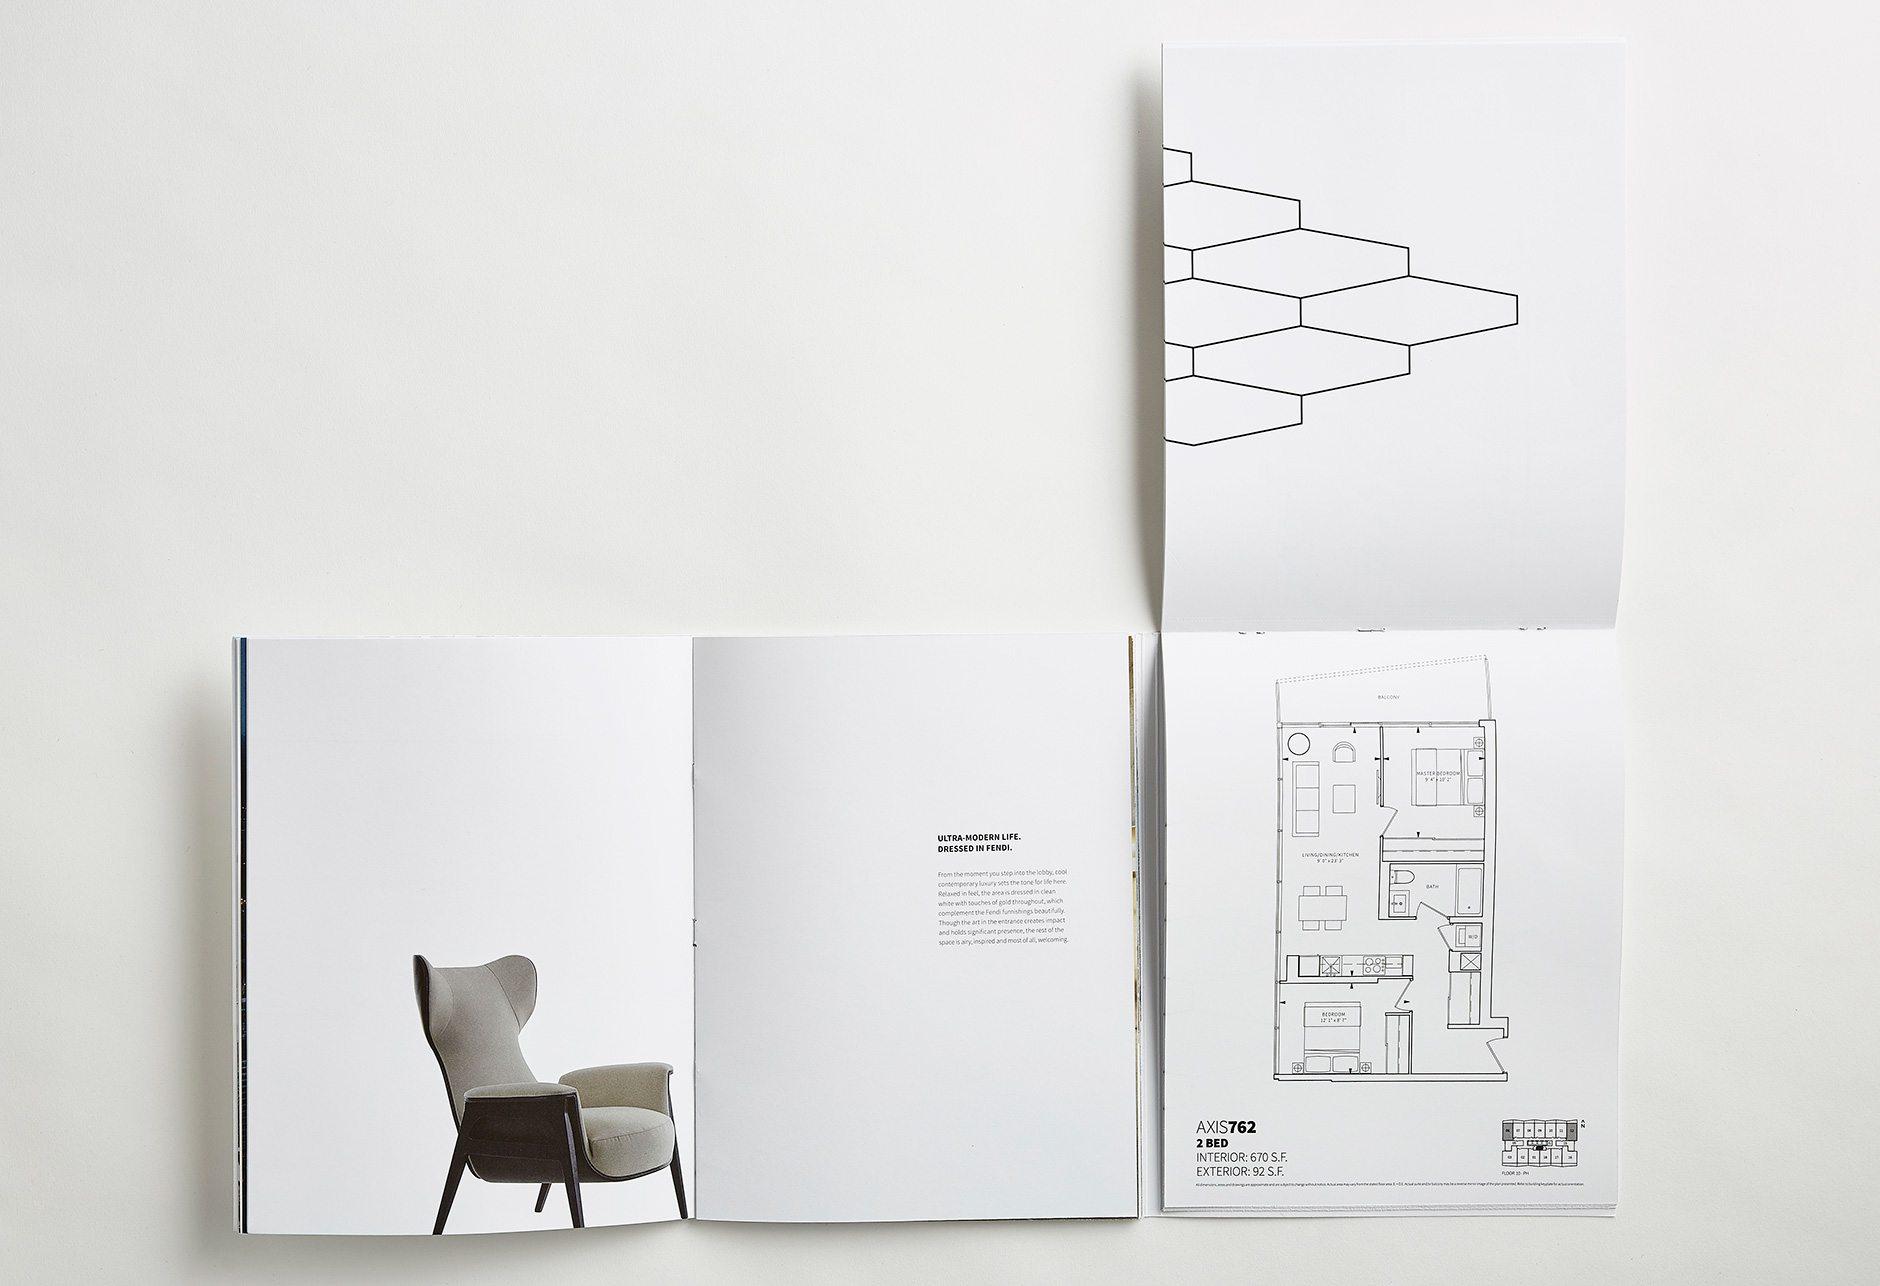 AXIS Brochure Spread 4